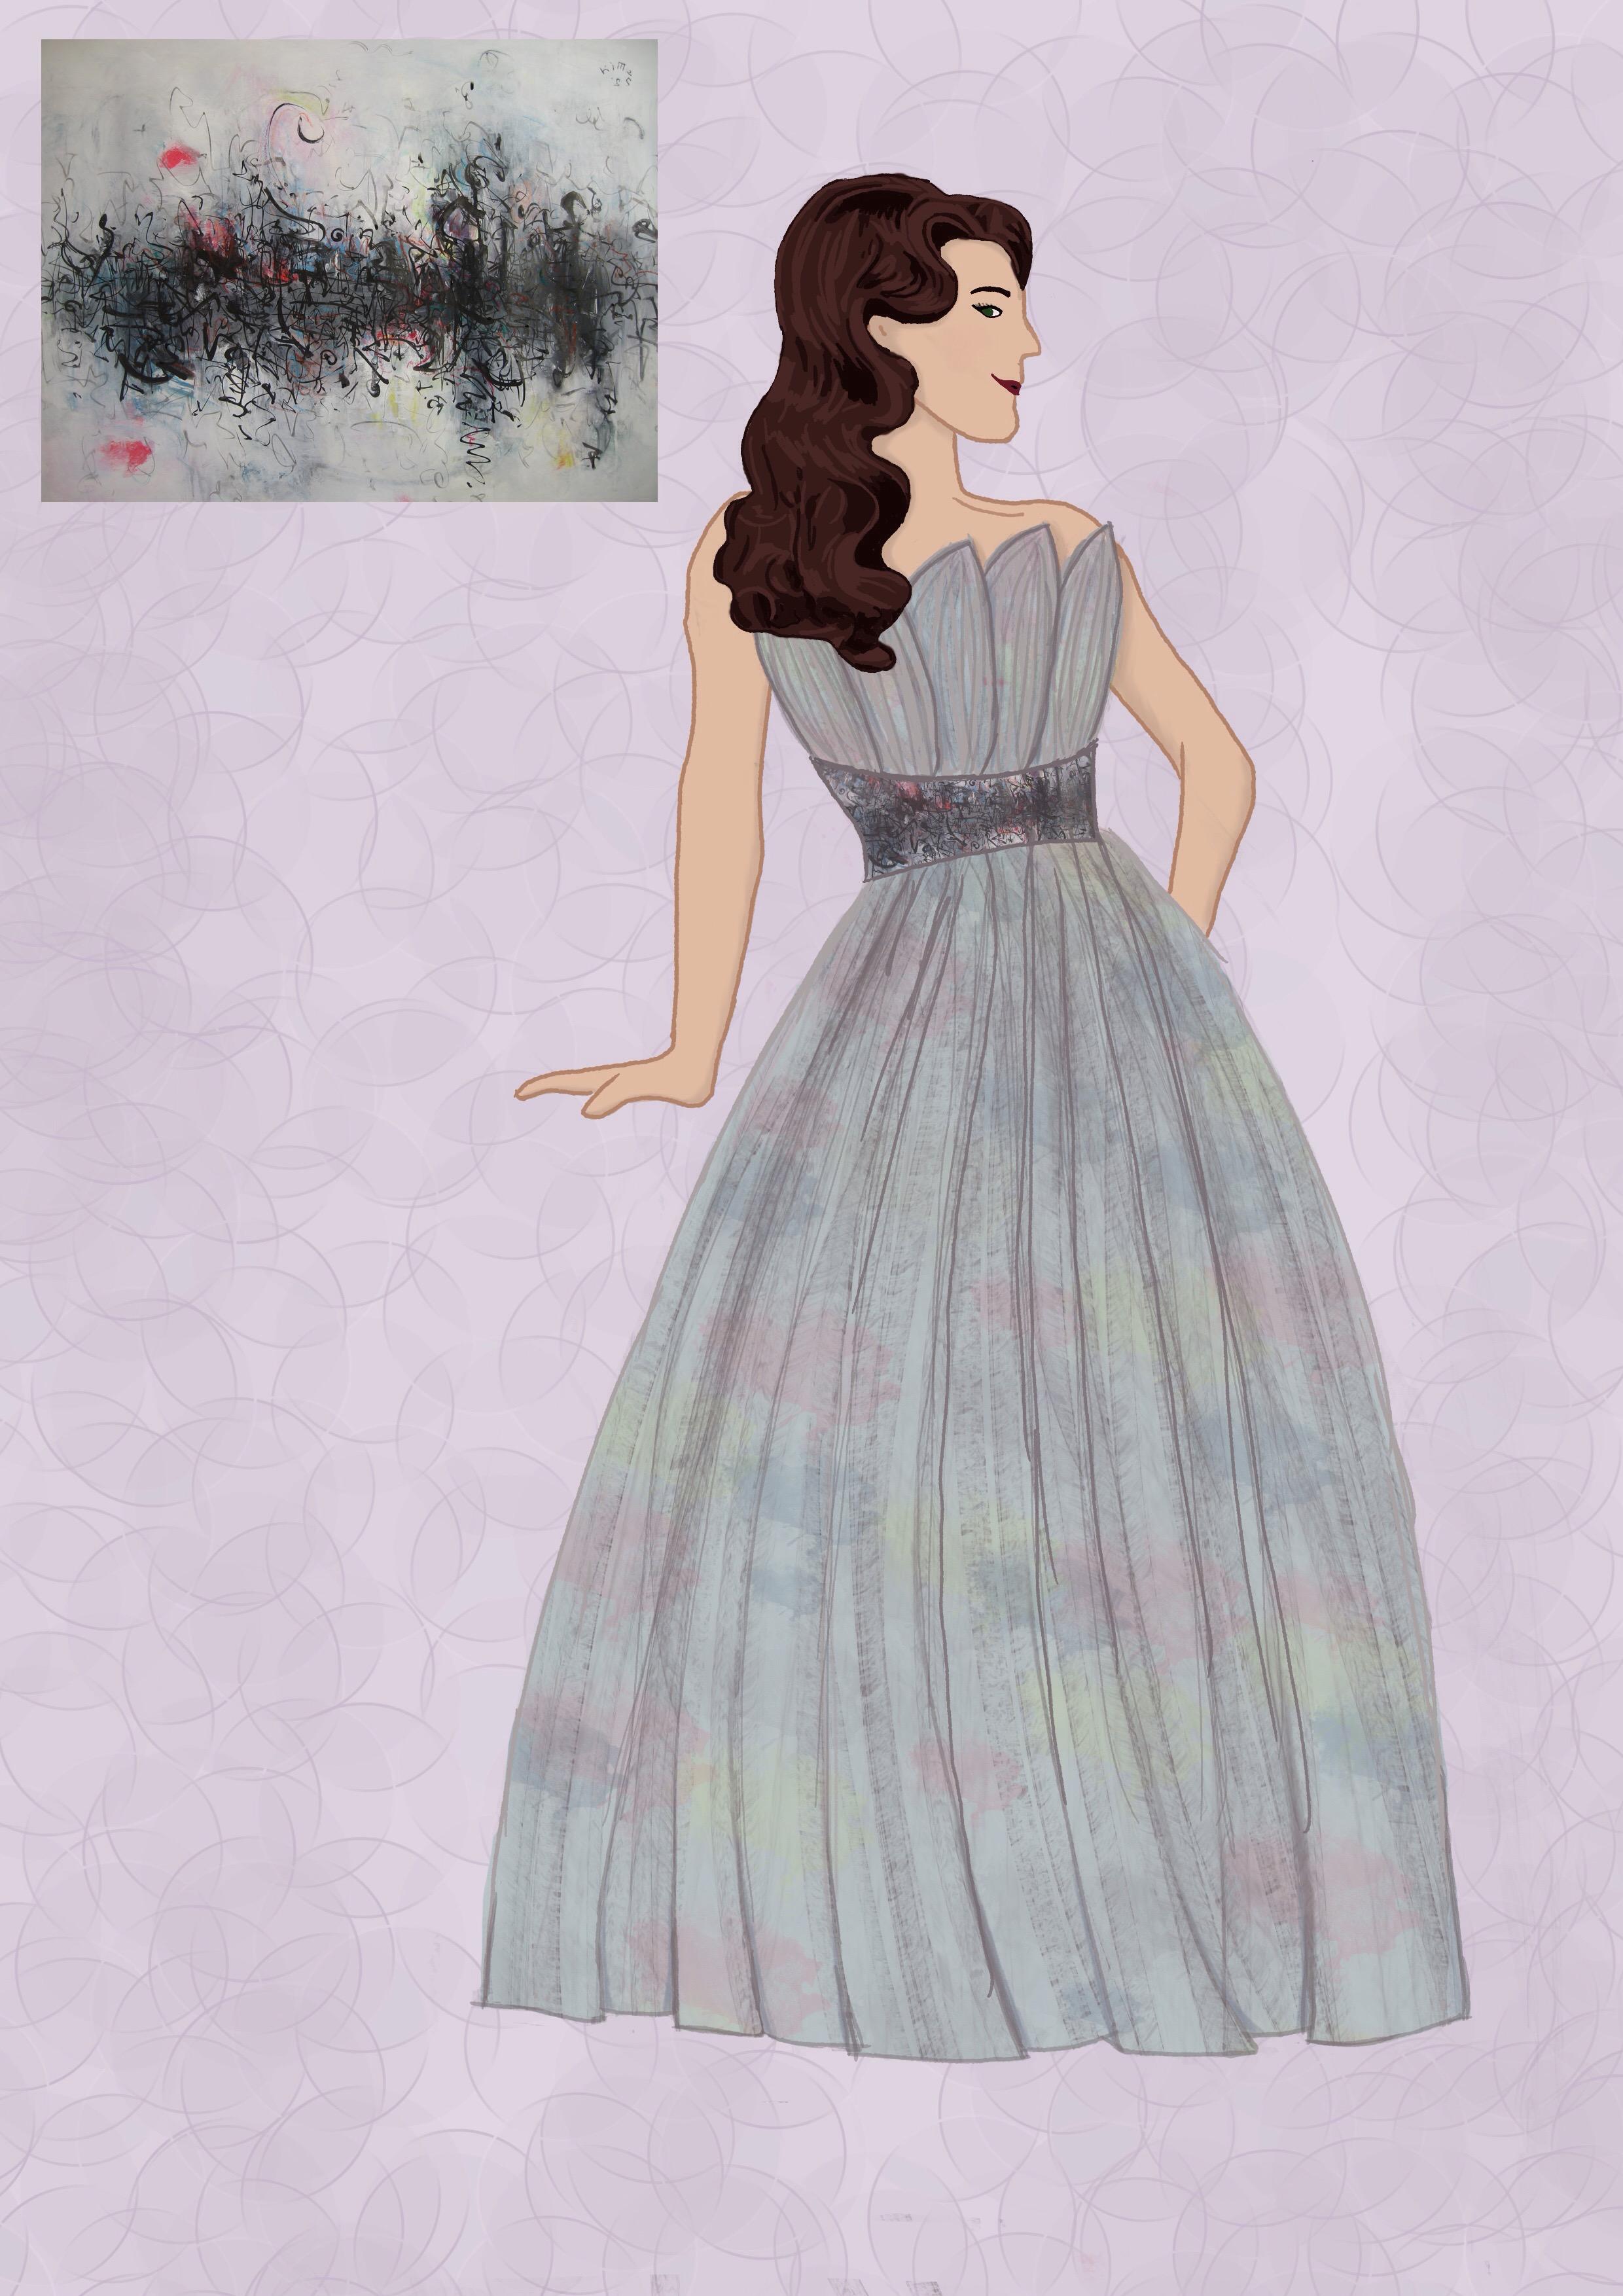 Abstract Art Evening Dress